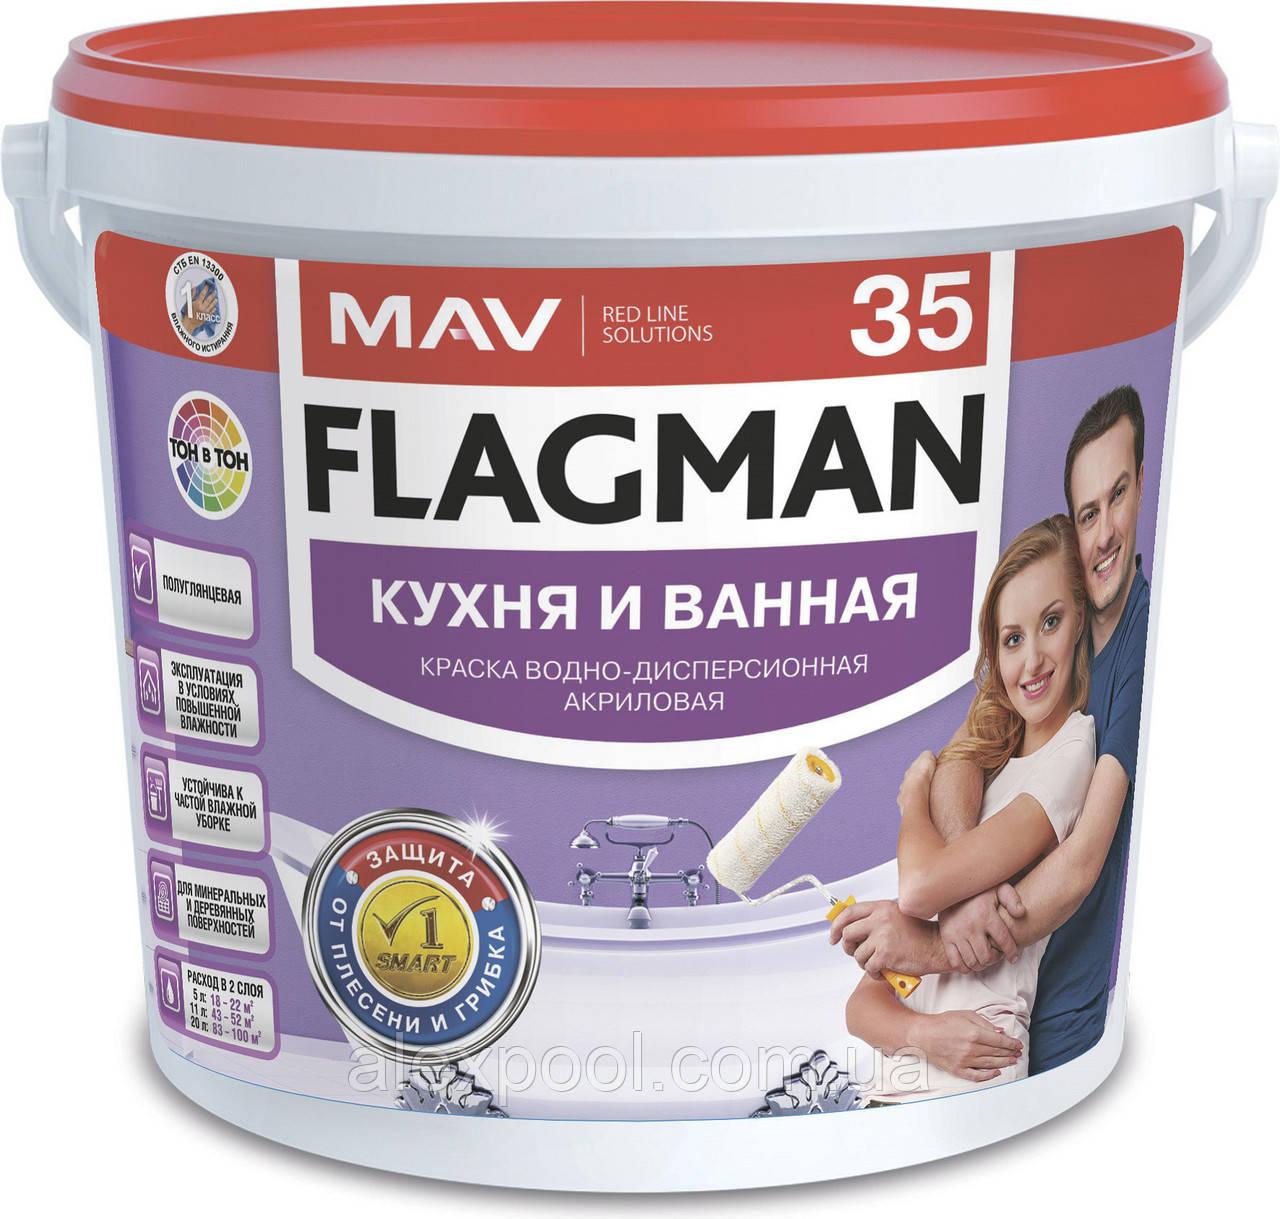 Краска MAV FLAGMAN 35 кухня и ванная  5 литров